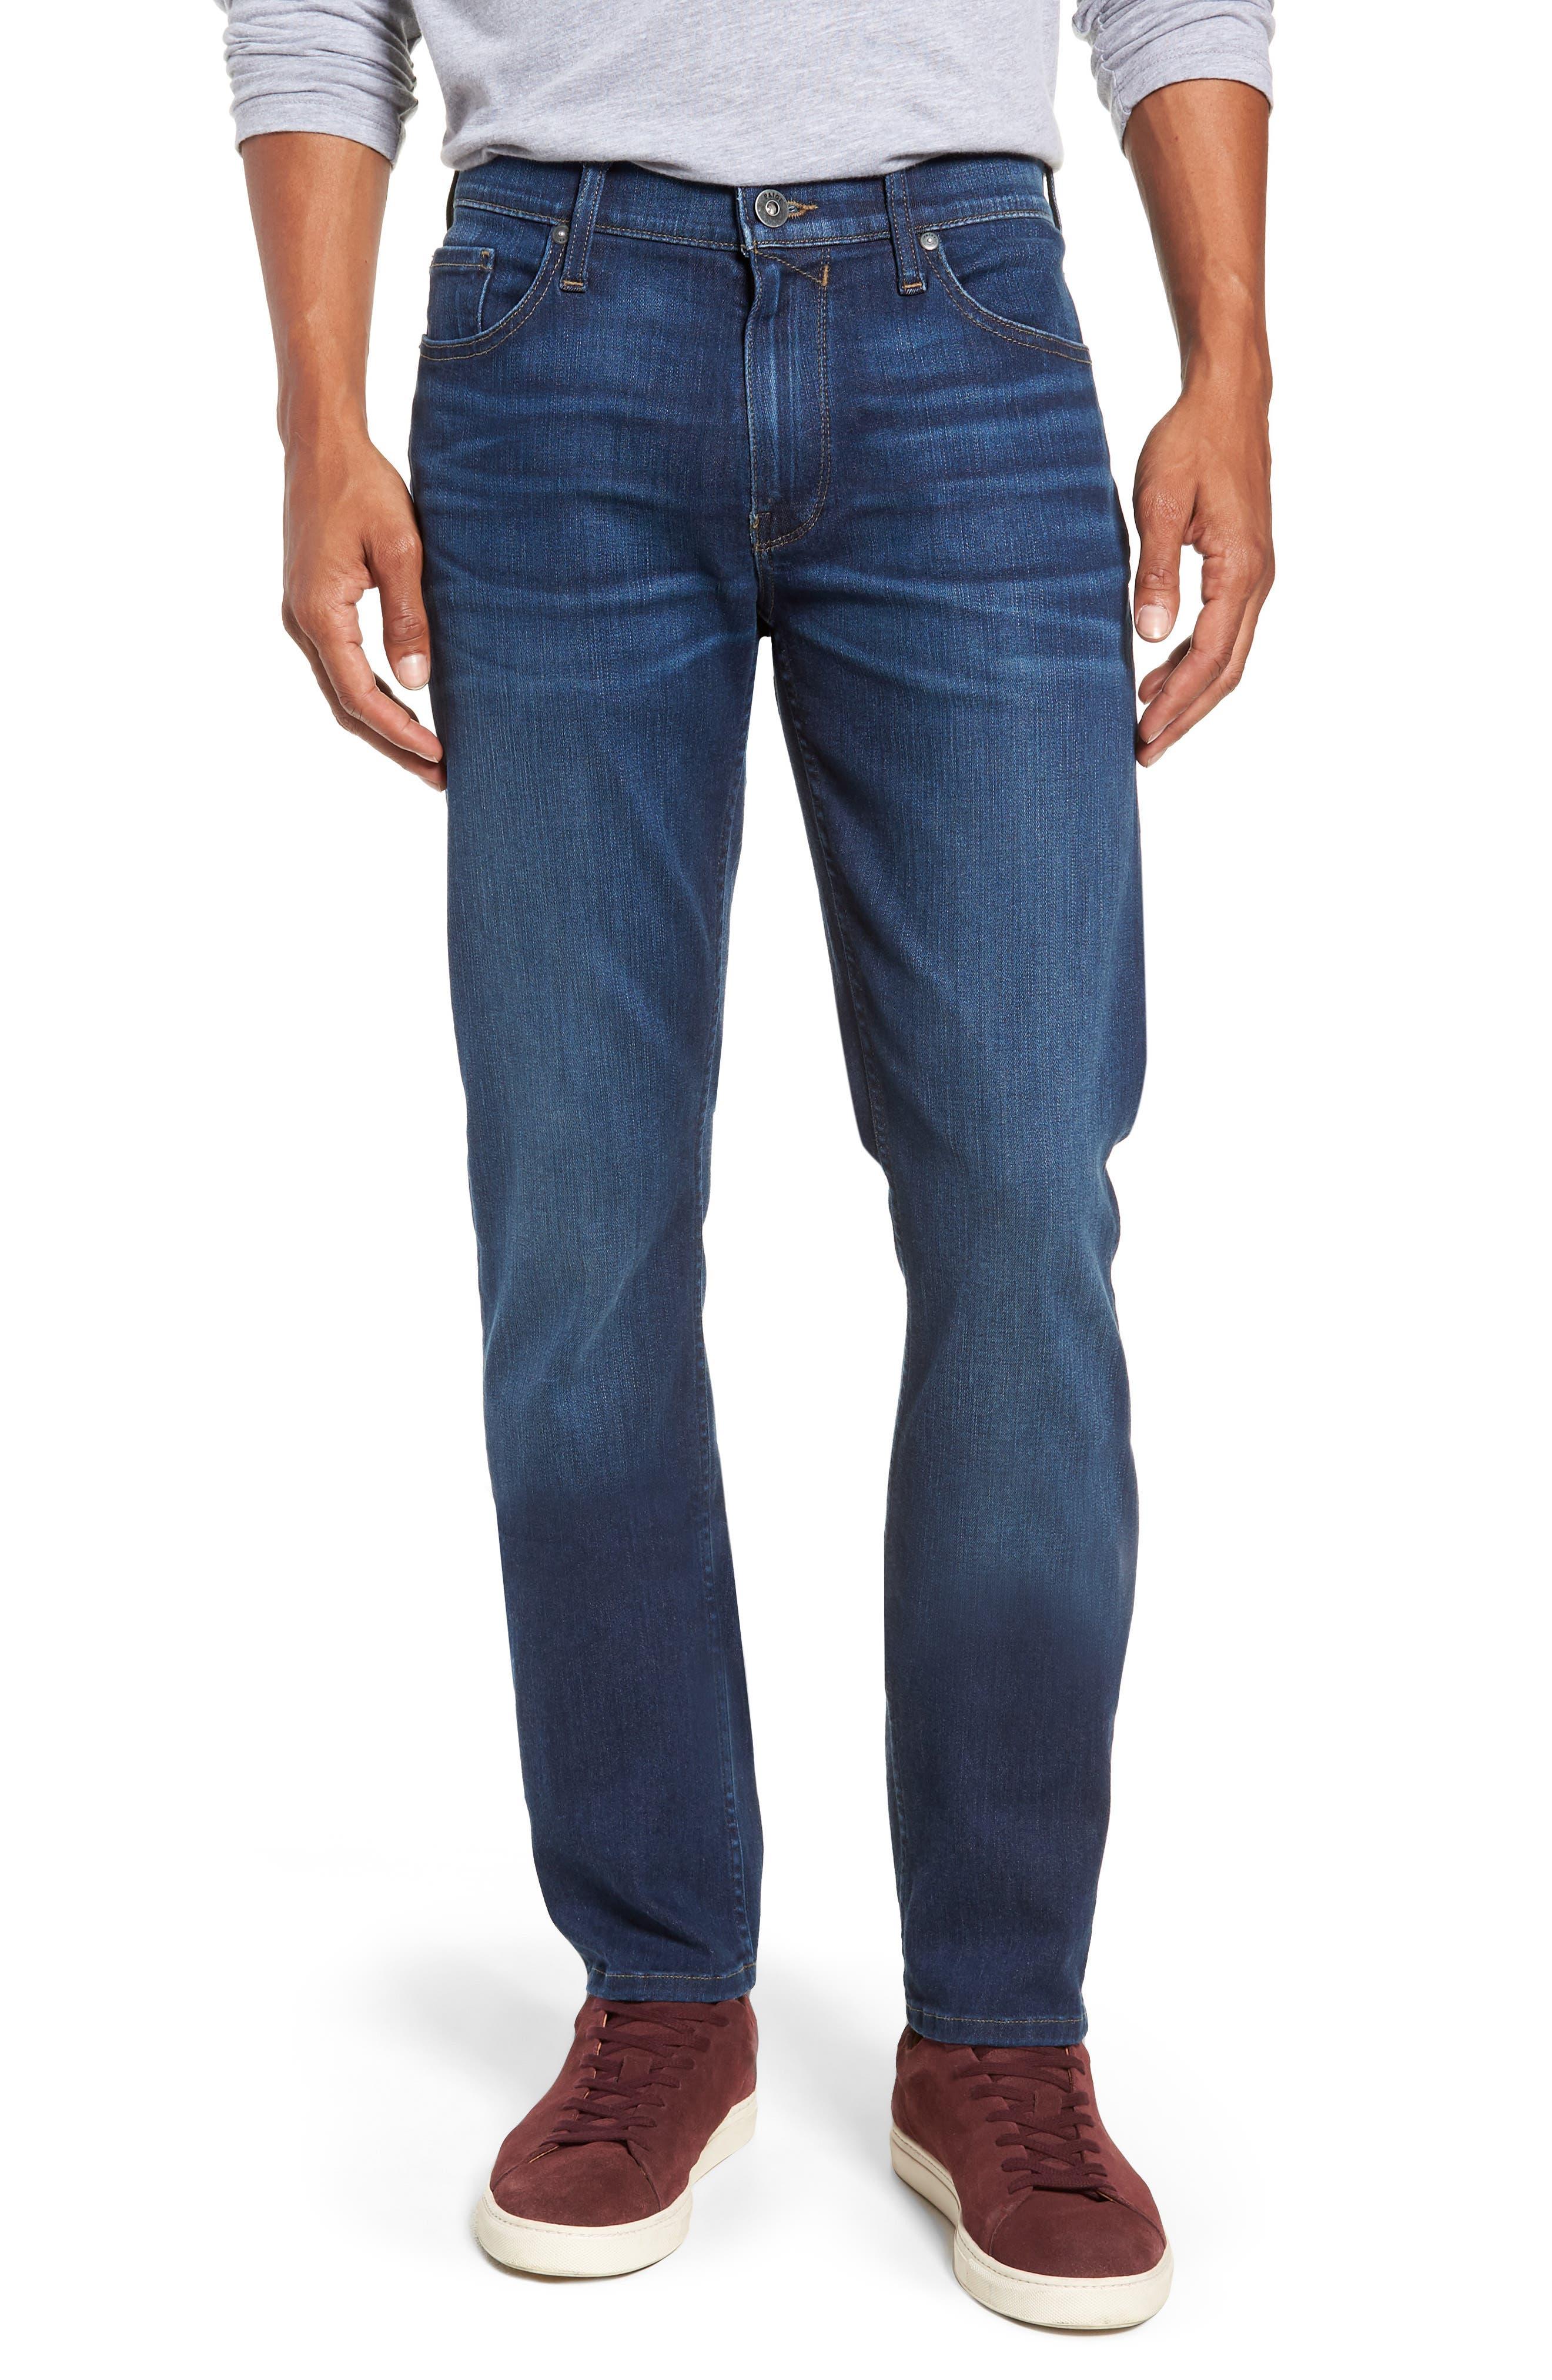 Transcend Vintage - Federal Slim Straight Leg Jeans,                         Main,                         color, ELWYN